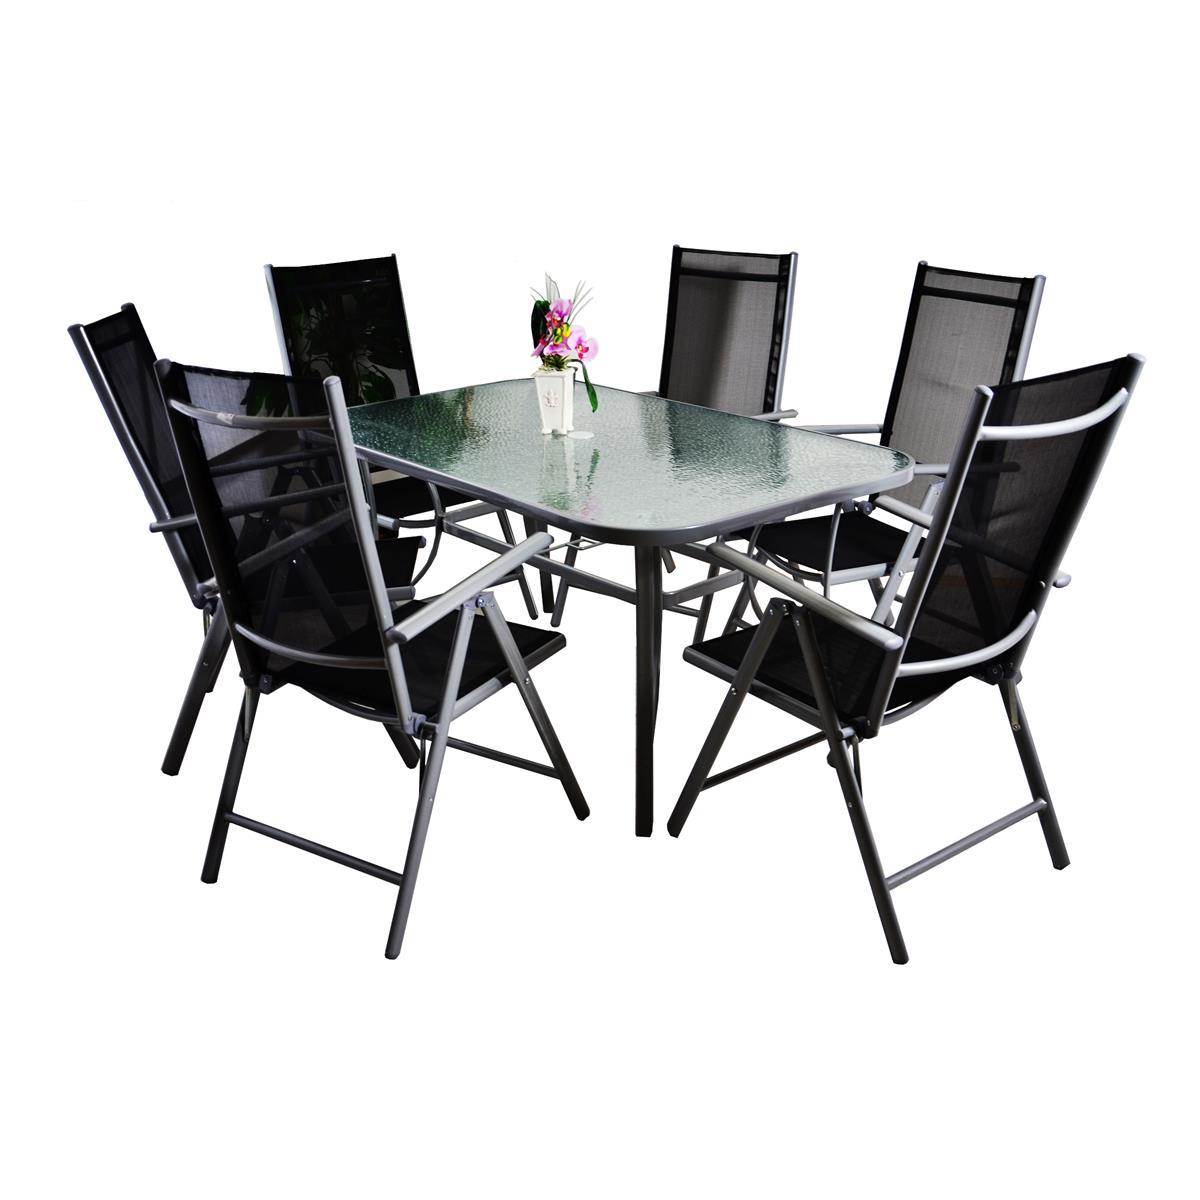 7-teiliges Gartenmöbel-Set schwarz Alu Gartengarnitur ...